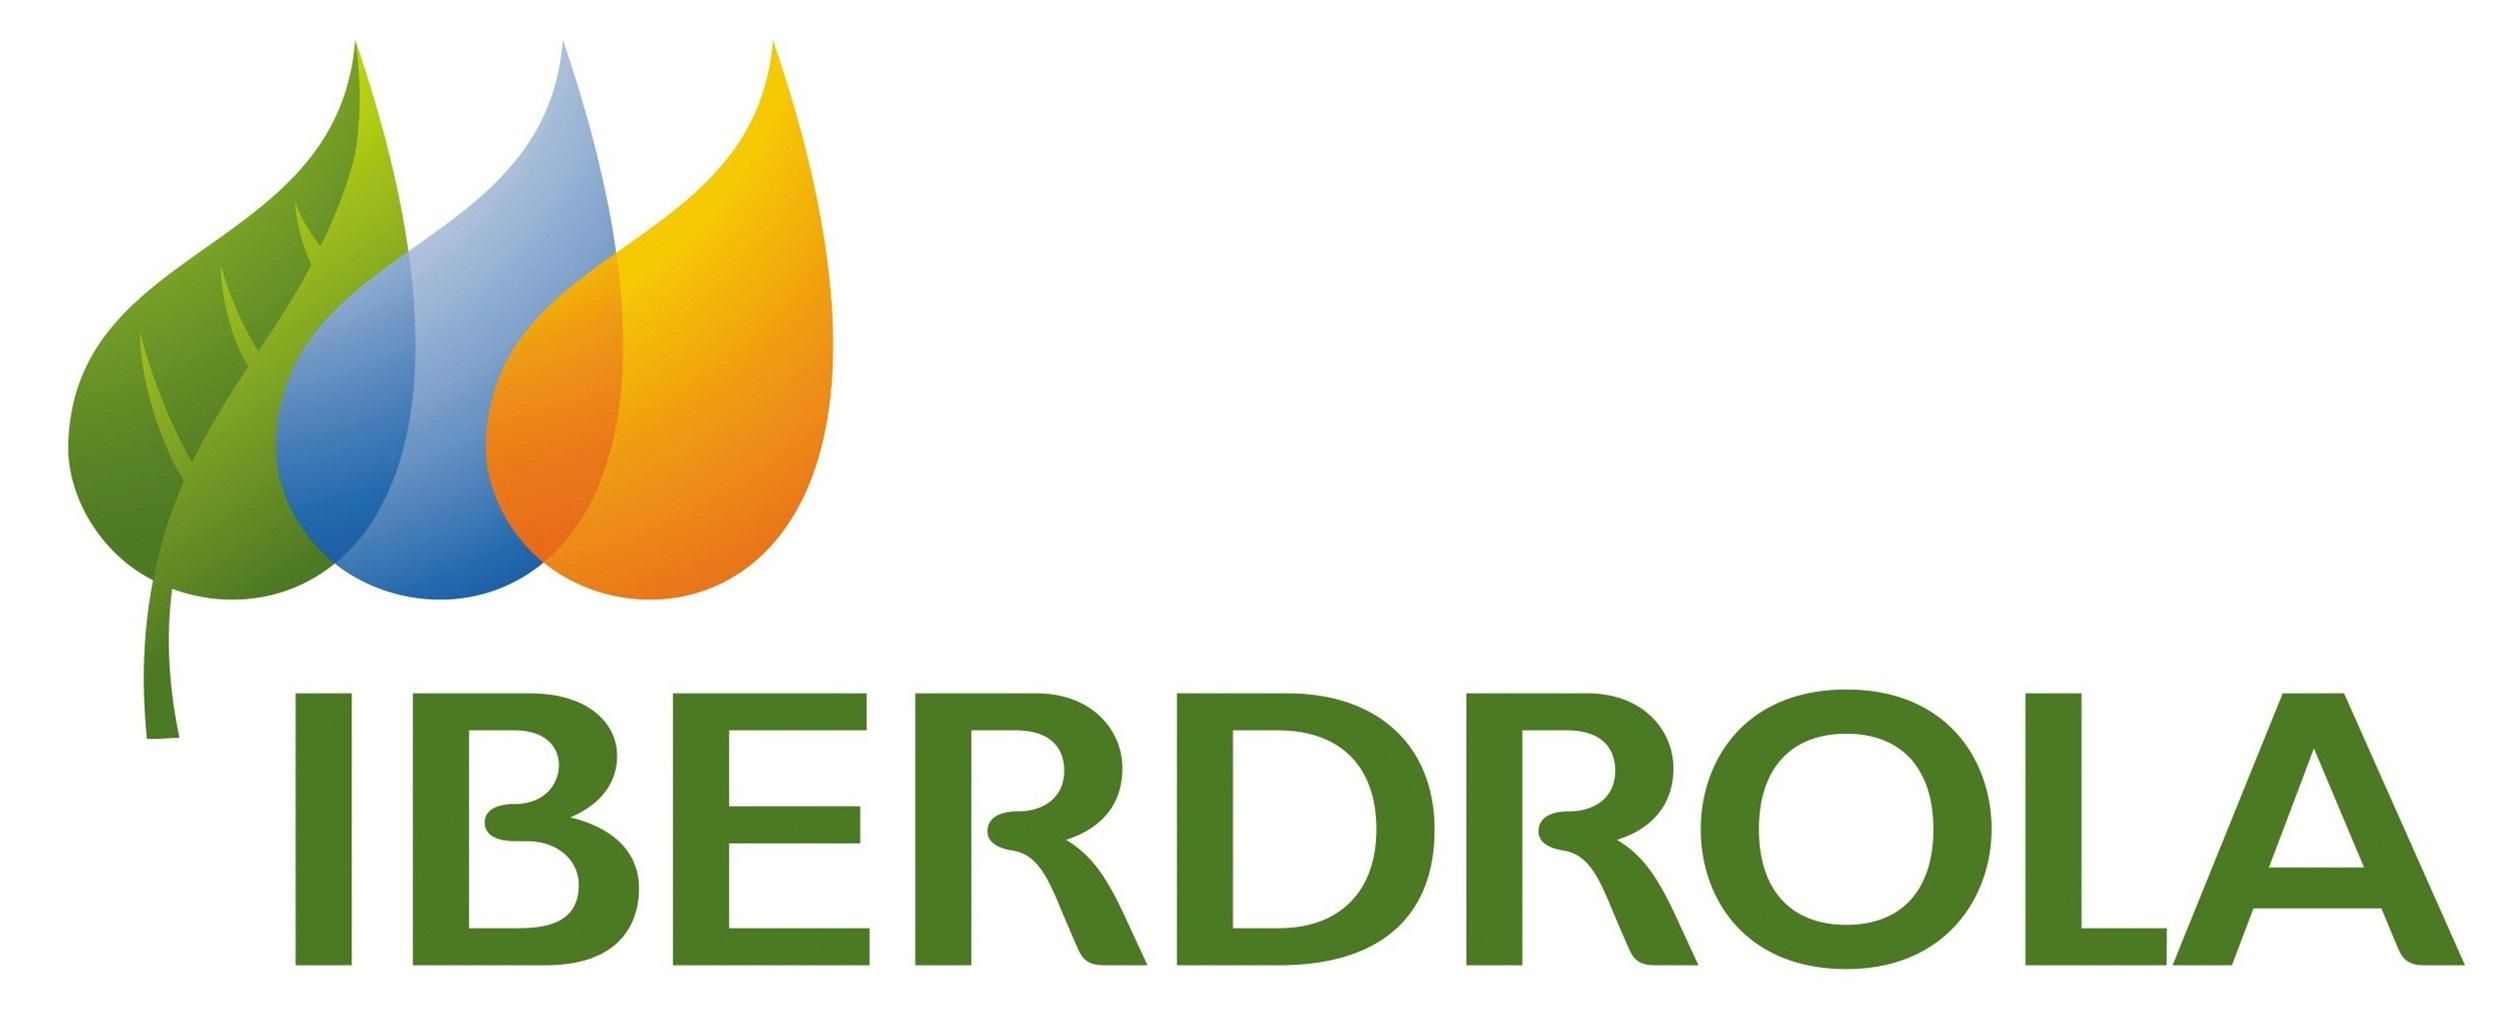 Instalador de gas autorizado en Villaviciosa de Odon para instalaciones de gas Iberdrola.